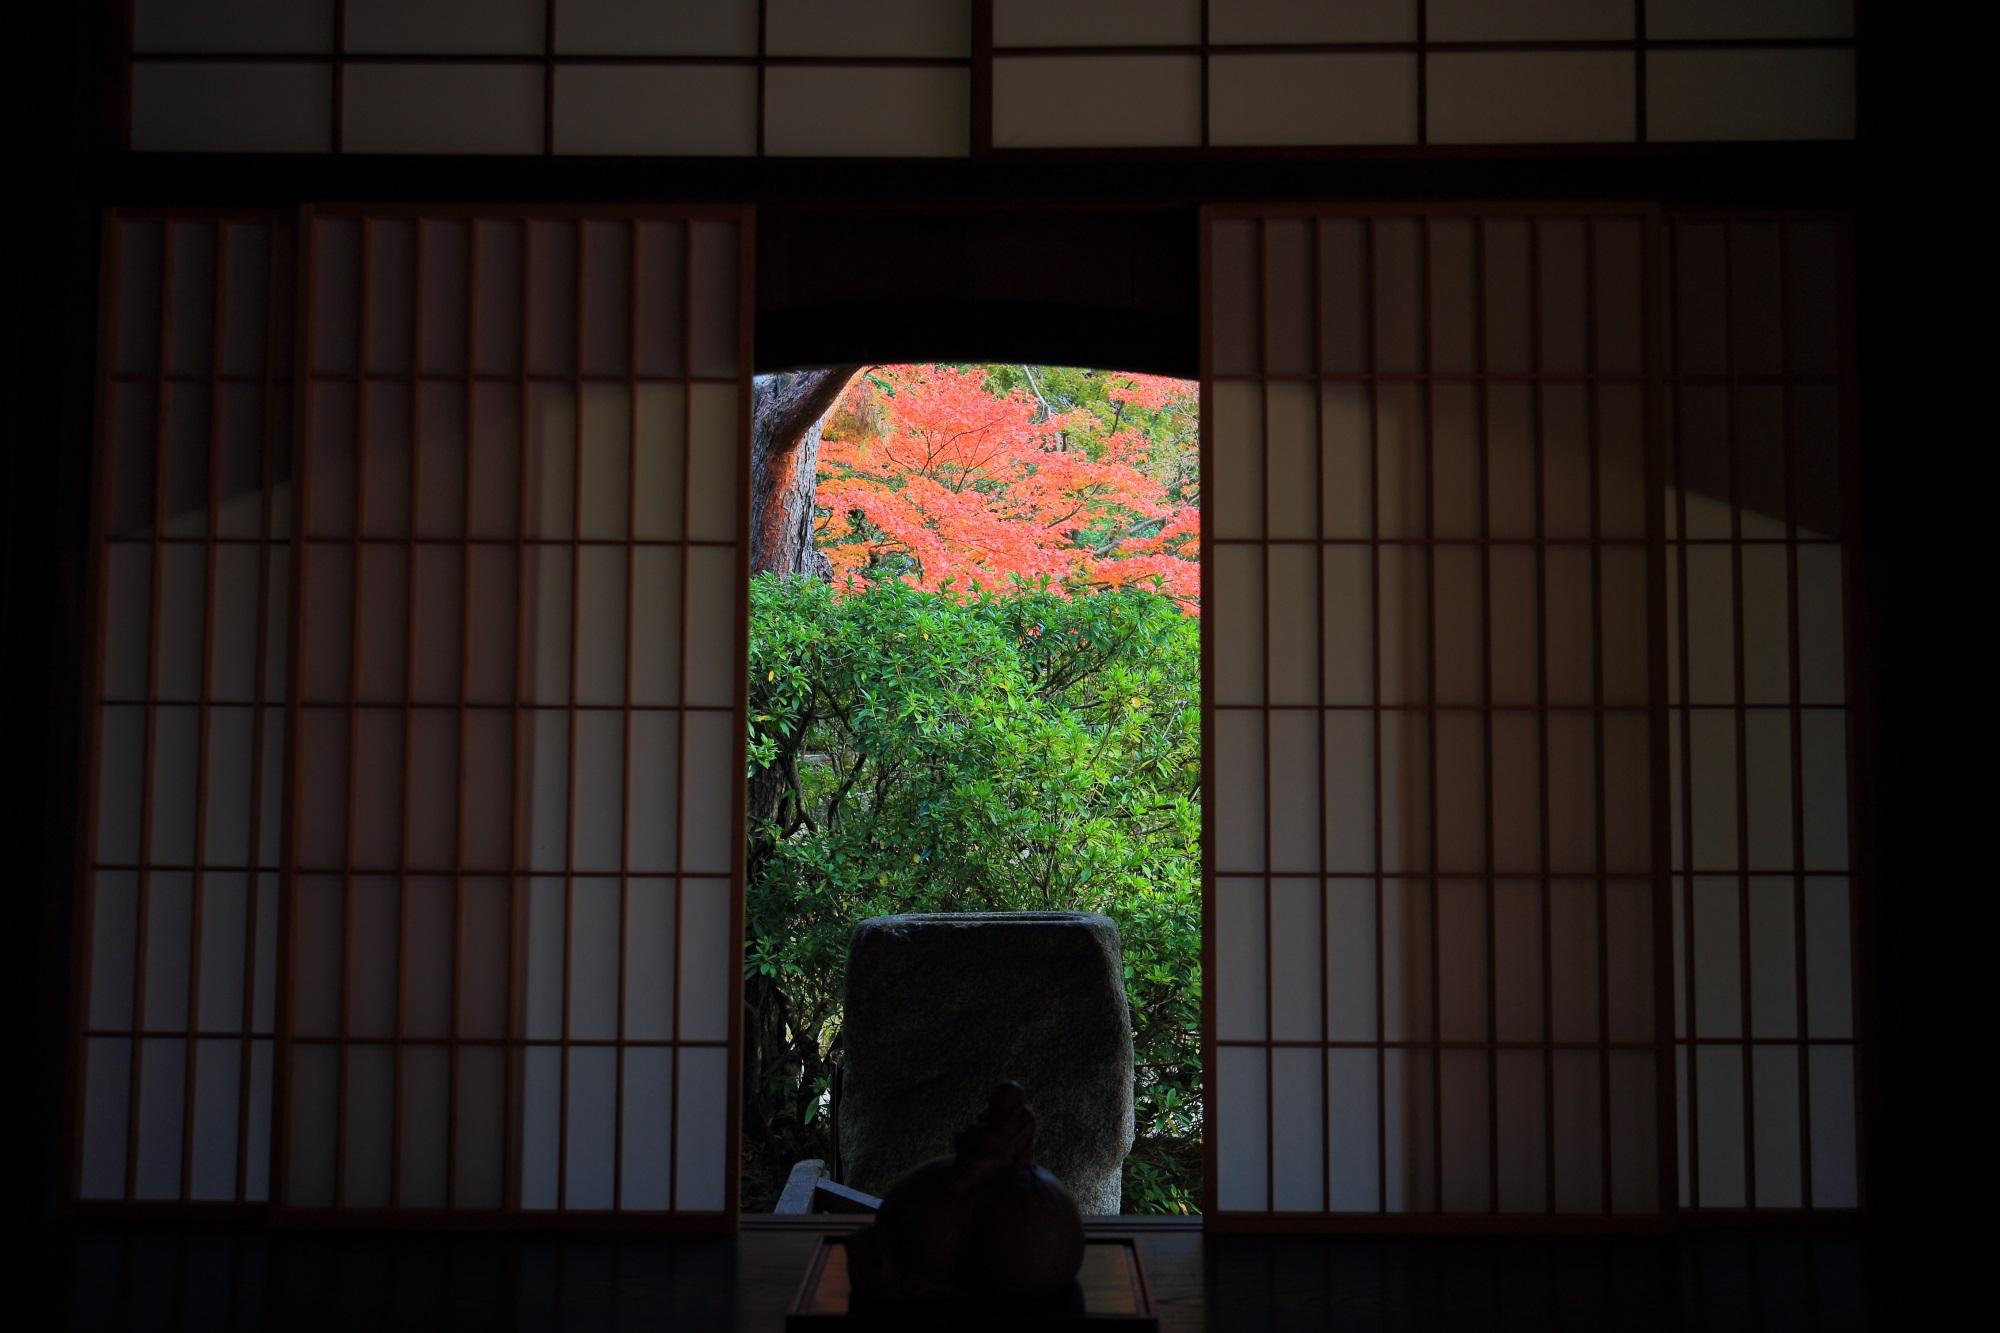 青蓮院の見ごろの優美な紅葉